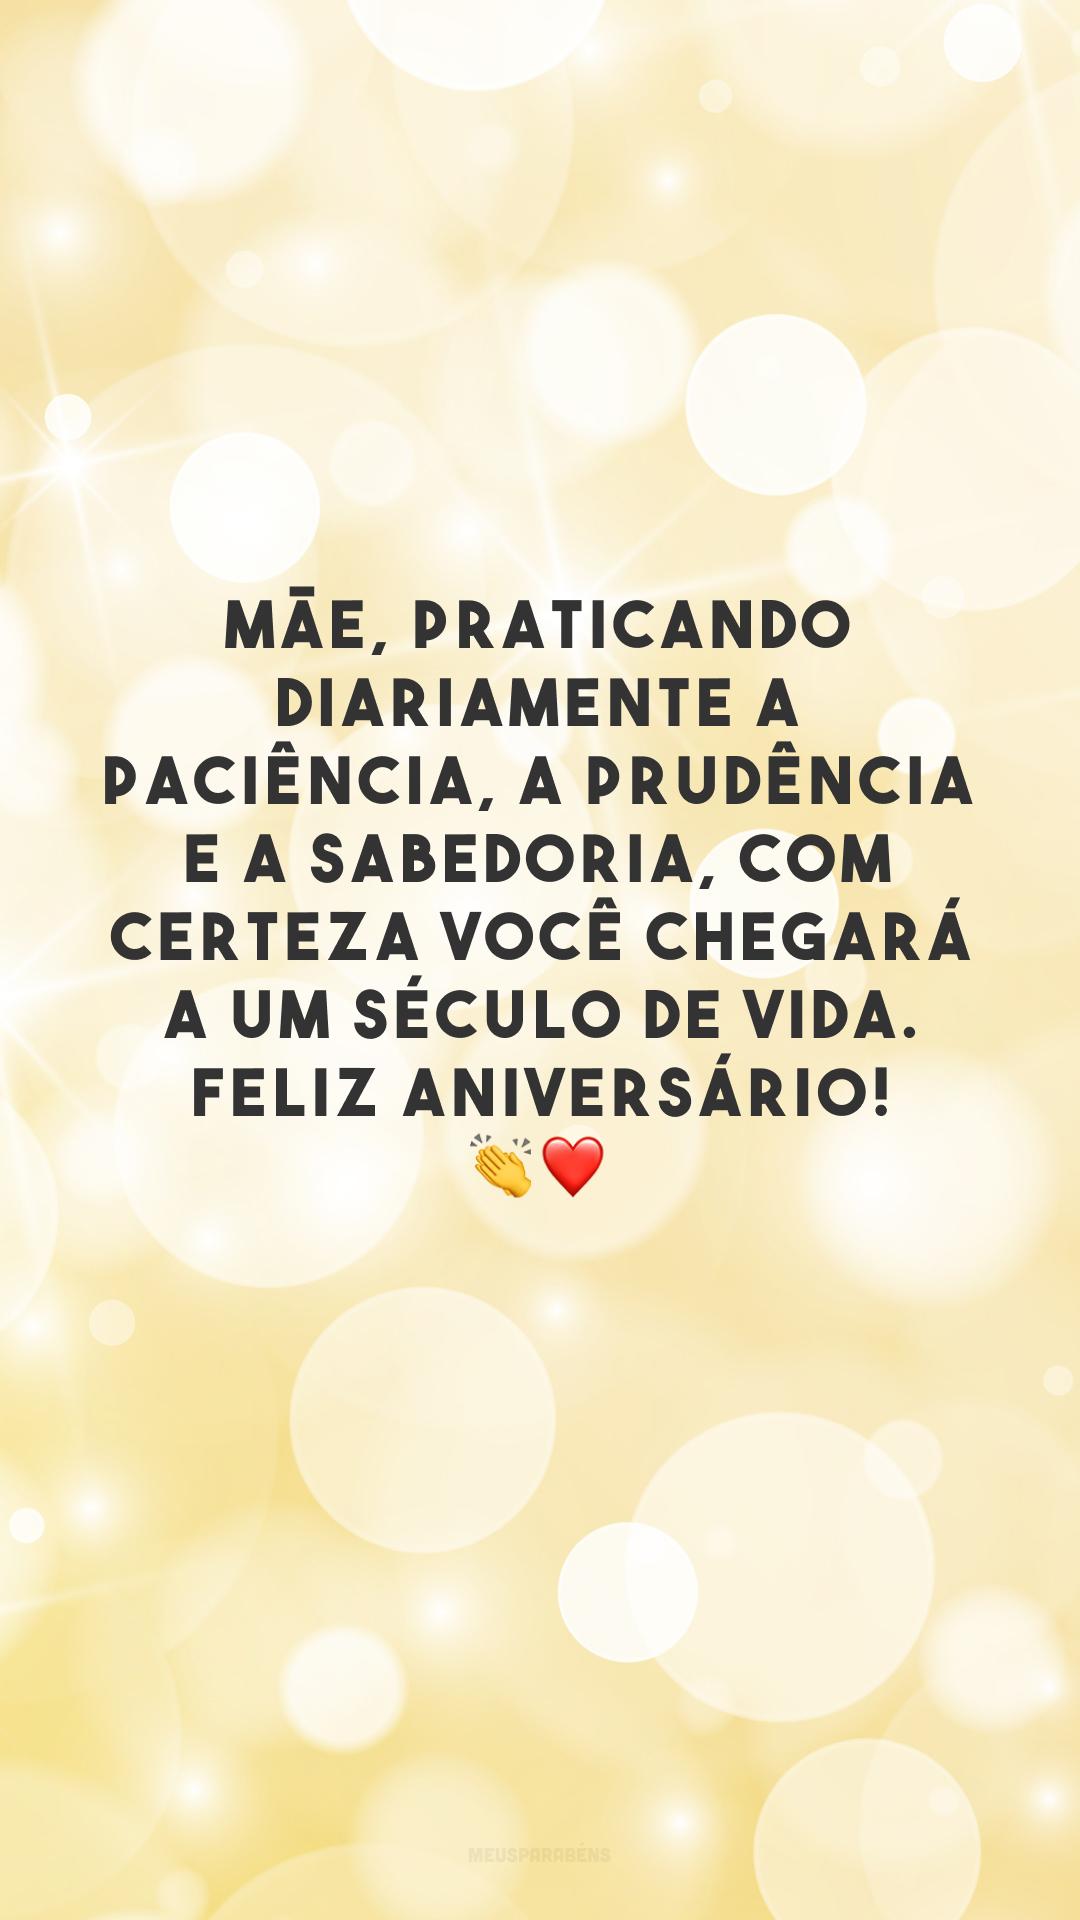 Mãe, praticando diariamente a paciência, a prudência e a sabedoria, com certeza você chegará a um século de vida. Feliz aniversário! 👏❤️